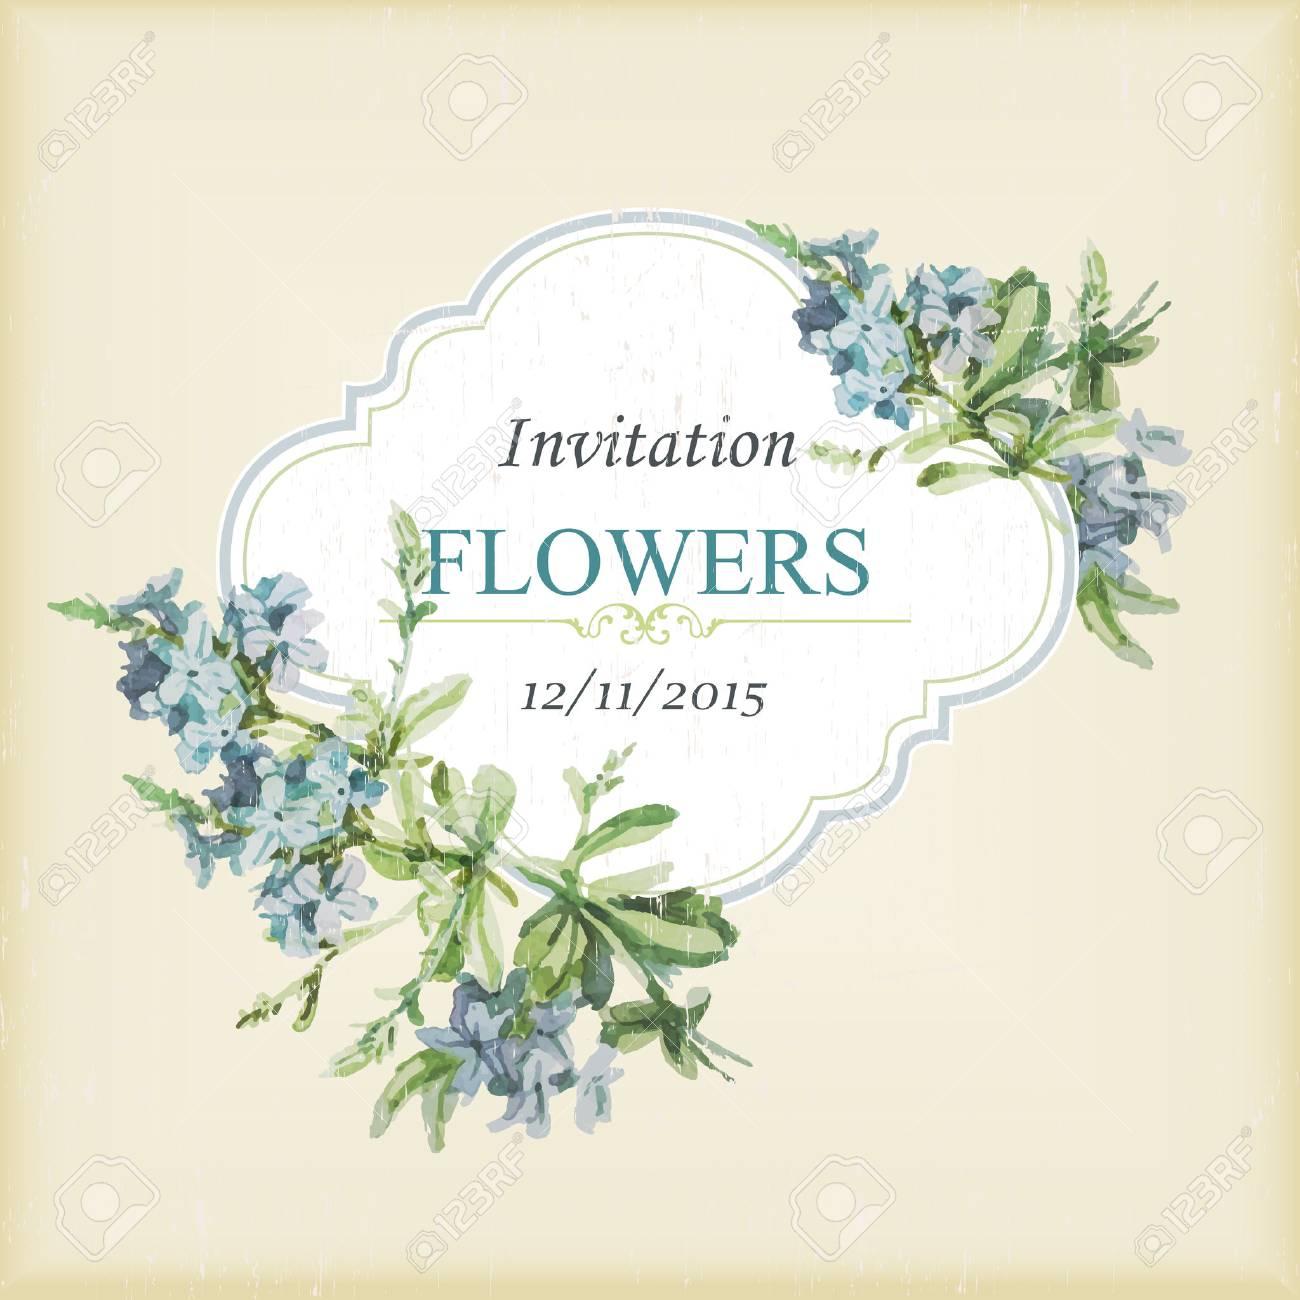 Tarjeta De Invitación Vintage Con Flores De Acuarela Ilustración Vectorial